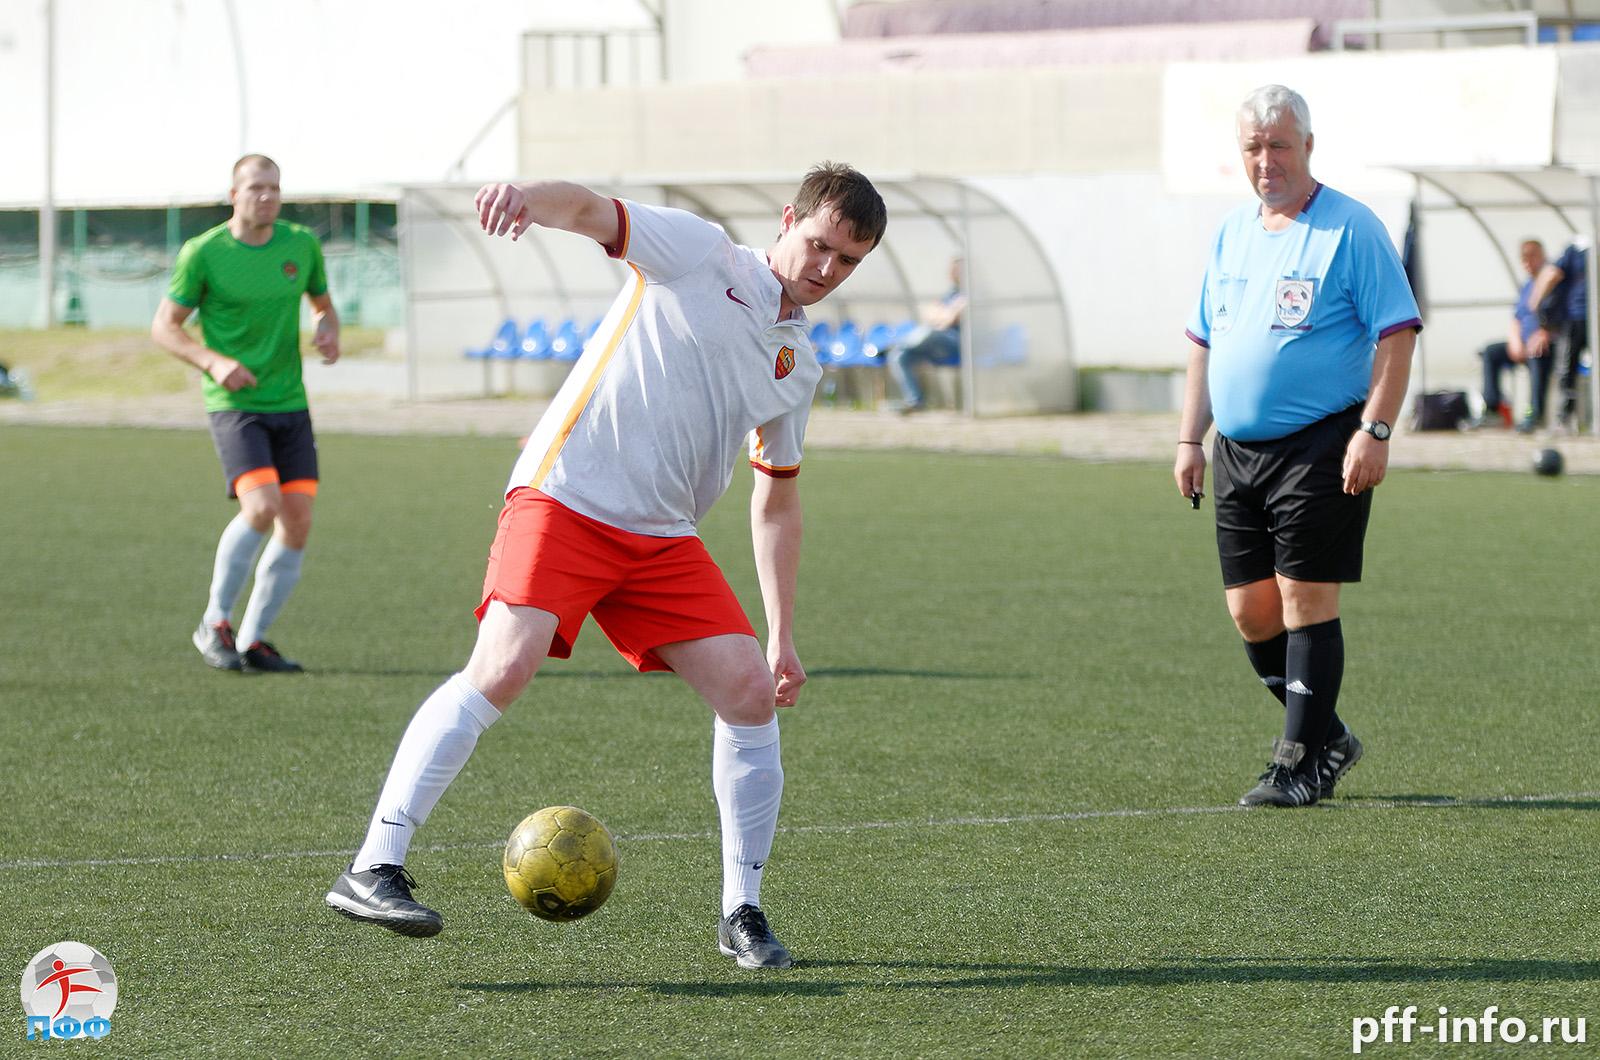 Первая лига ТДК. 2 тур Второго этапа. Матч тура